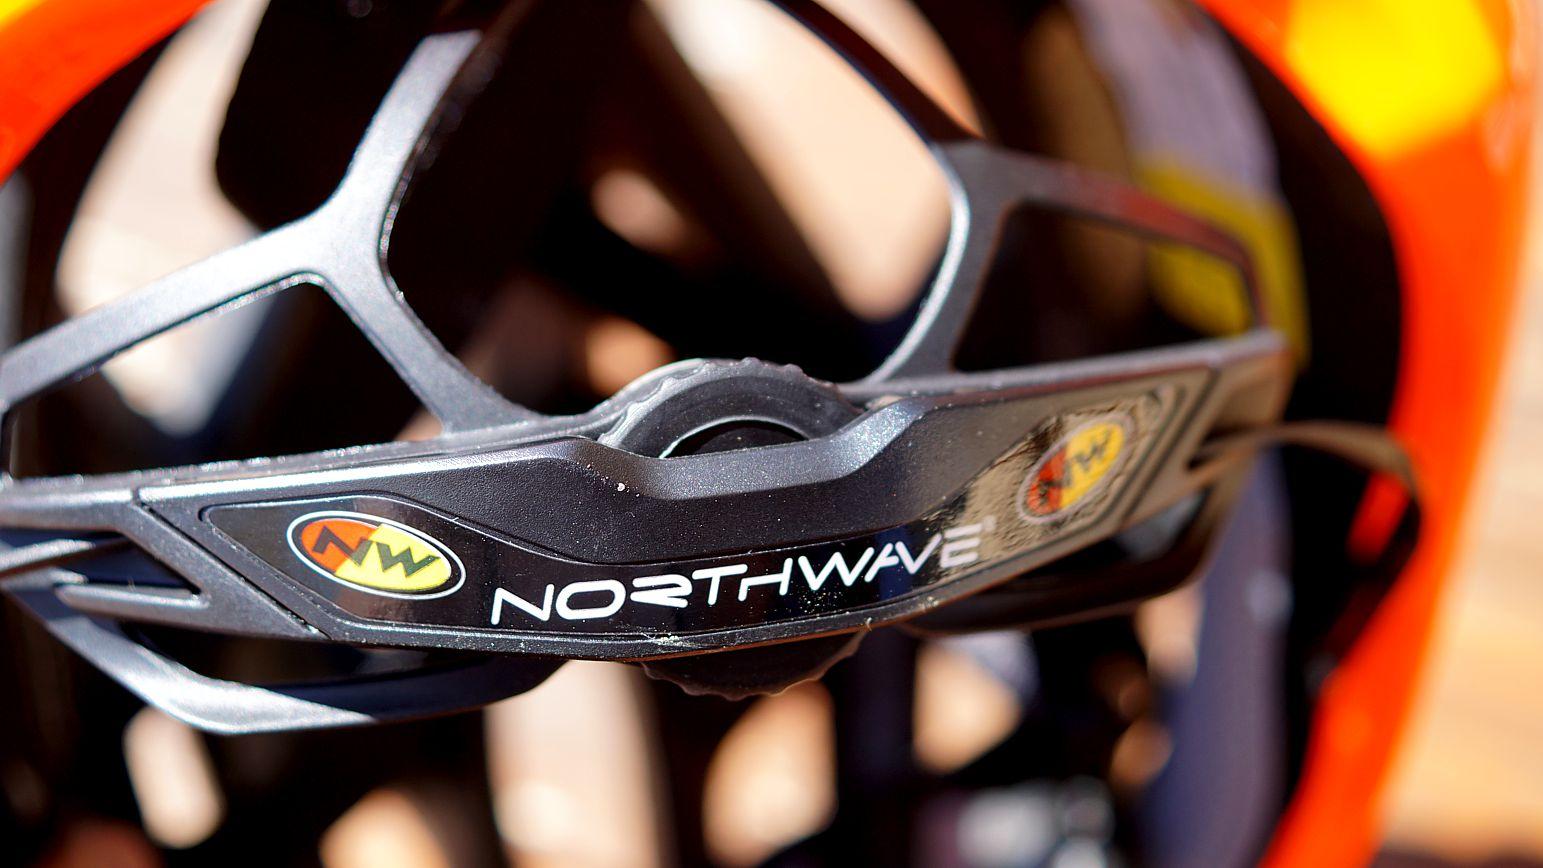 Das SRS Run Einstellrad hat eine gute Größe und klickt recht laut beim Einrasten der nächsten Stufe. Die Gitteröffnung darüber gestattet auch einem kleineren Pferdeschwanz Ausgang.